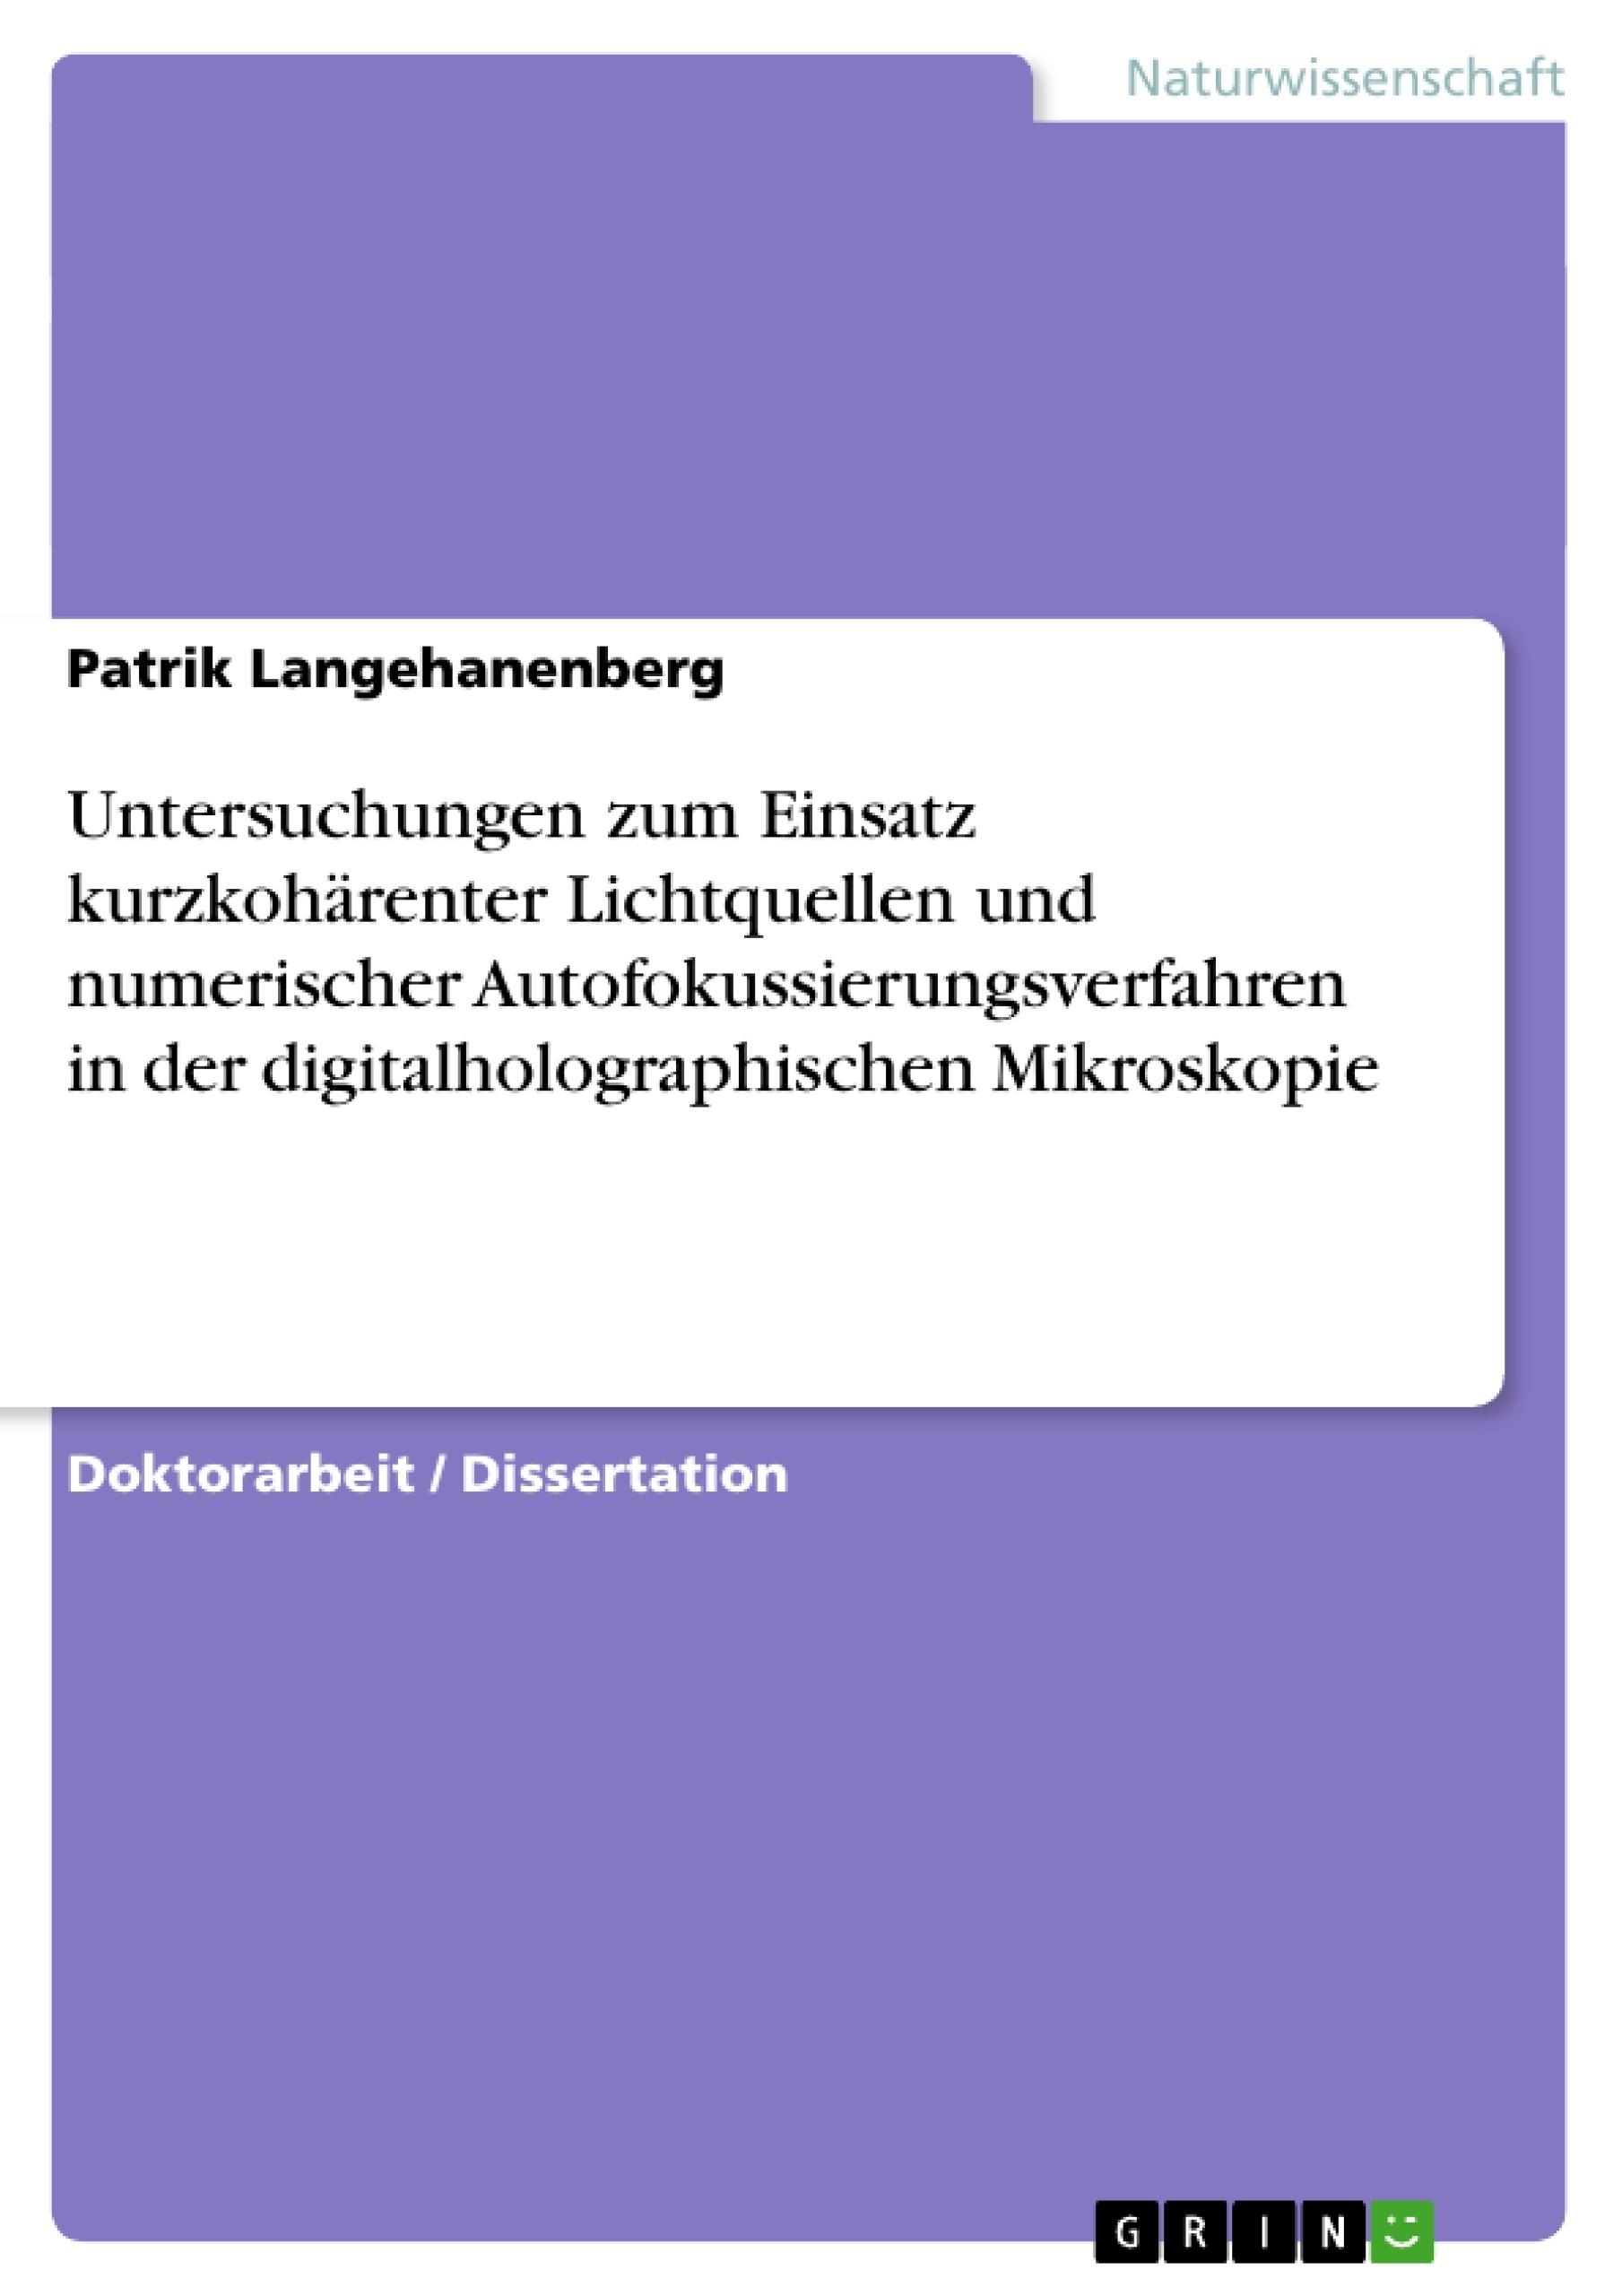 Titel: Untersuchungen zum Einsatz kurzkohärenter Lichtquellen und numerischer Autofokussierungsverfahren in der digitalholographischen Mikroskopie